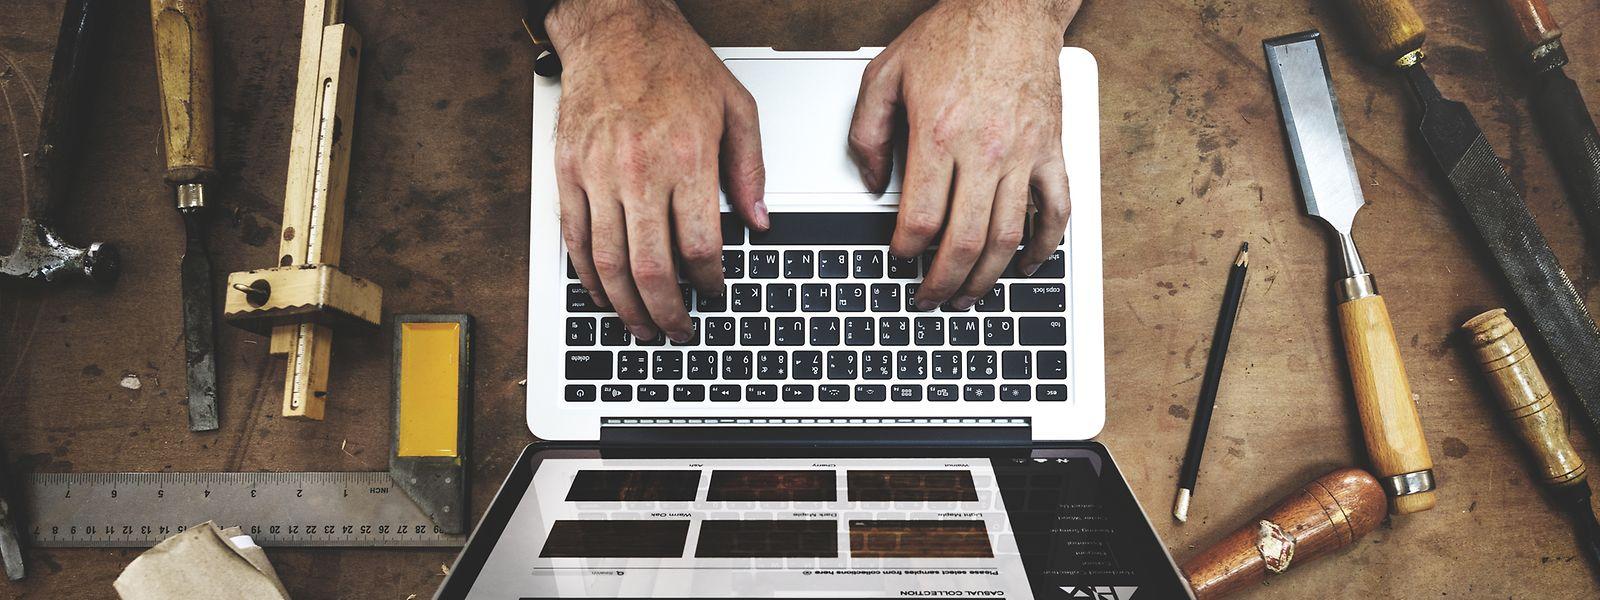 Um dos exemplos referidos pelo sindicato são os funcionários de plataformas digitais, que estão excluídos de muitas disposições de proteção.